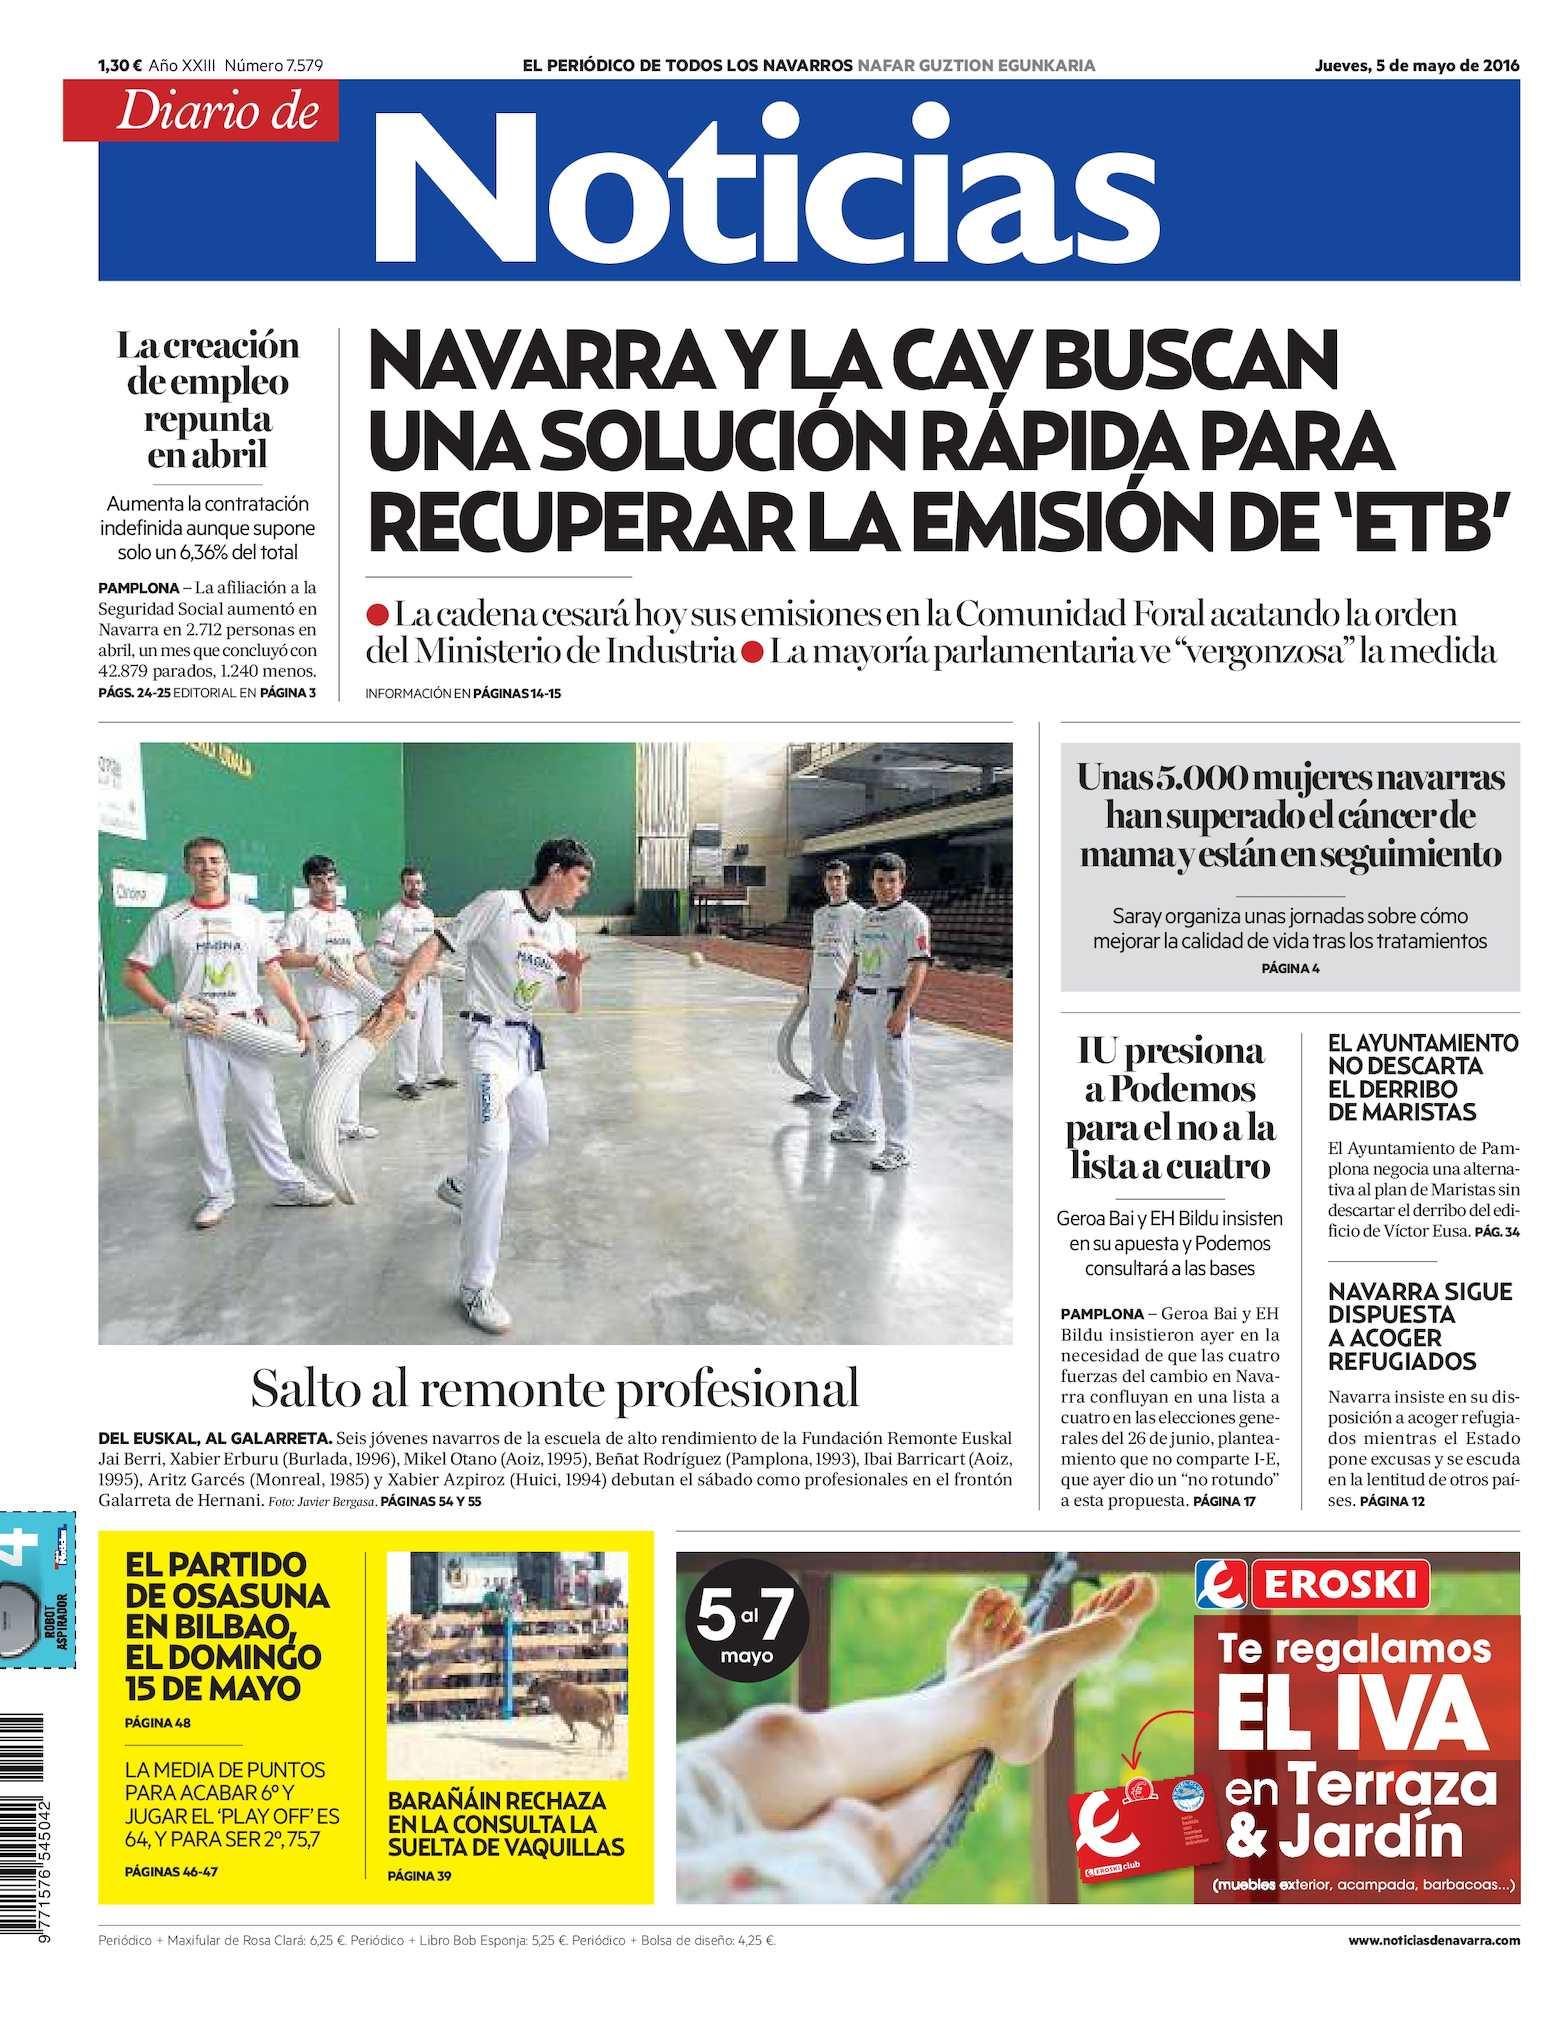 Calaméo - Diario de Noticias 20160505